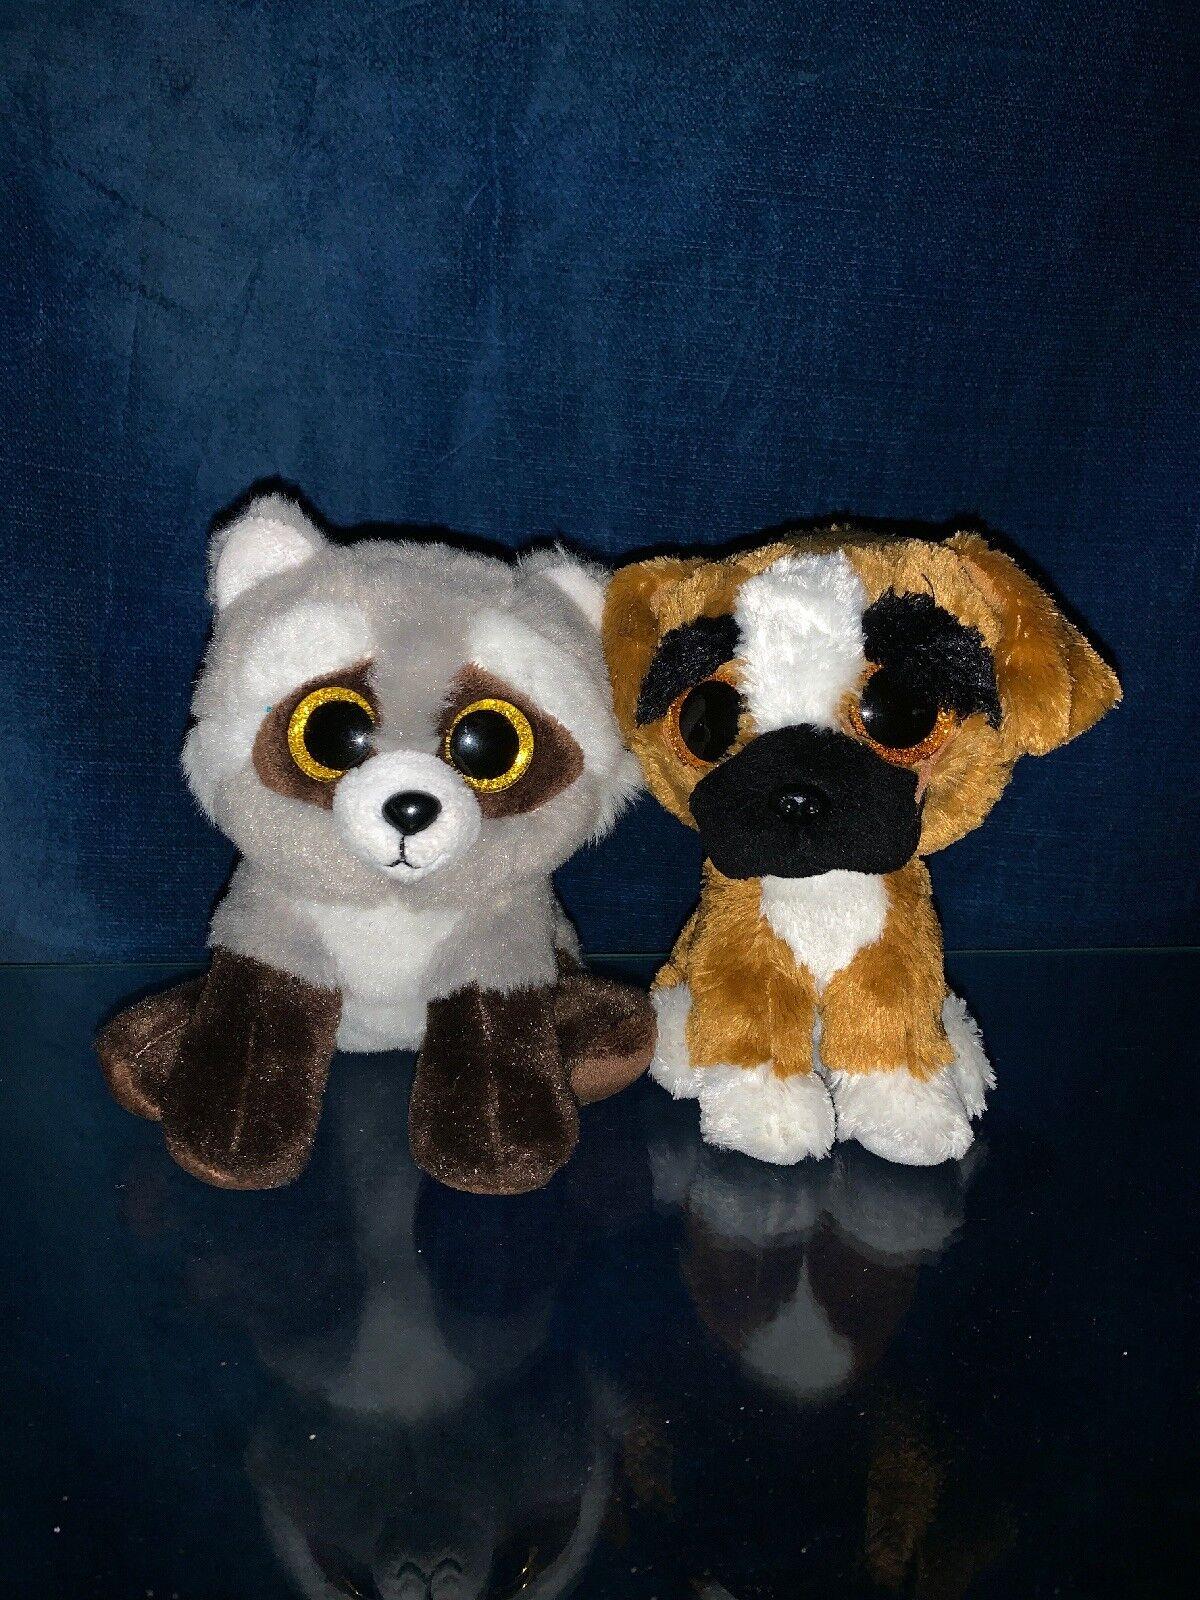 TY Big Eyed Eyed Eyed Brutus The Boxer Dog & Bandit Raccoon 5  Plush Stuffed Animal  ️m9 687058